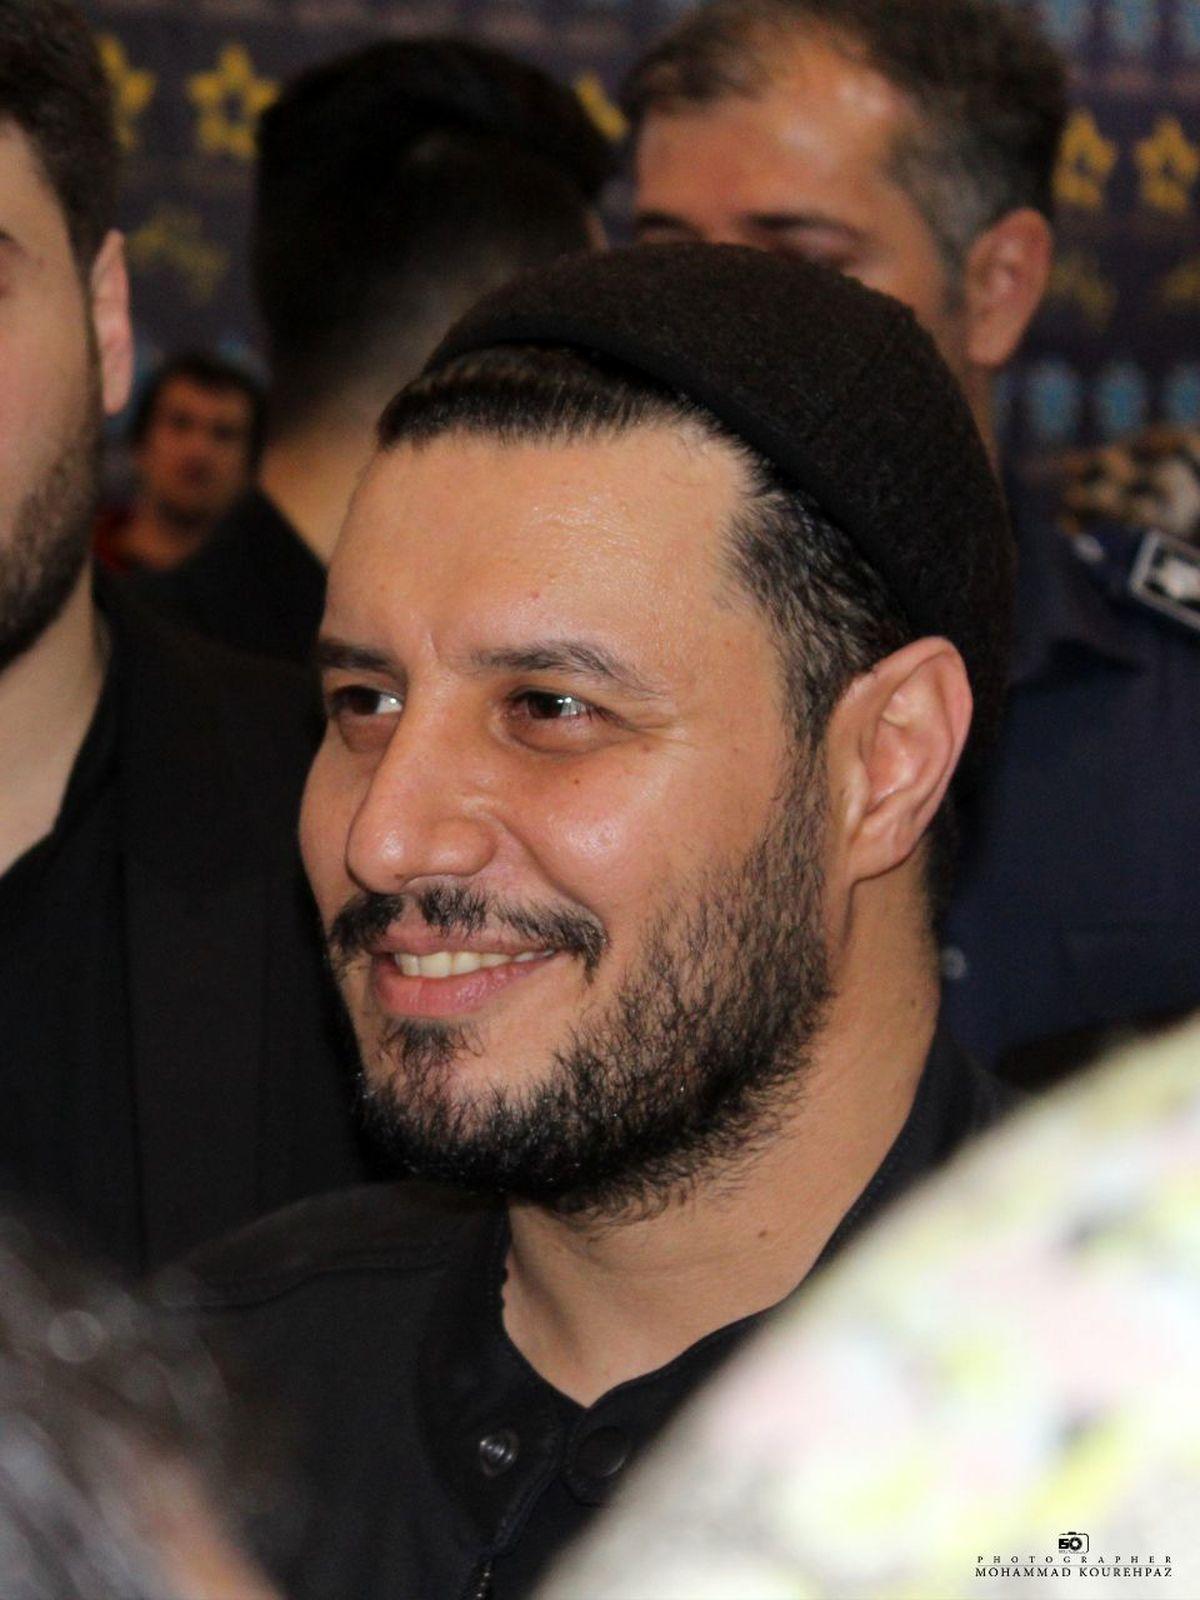 جواد عزتی مهمان این هفته همرفیق شهاب حسینی است + عکس